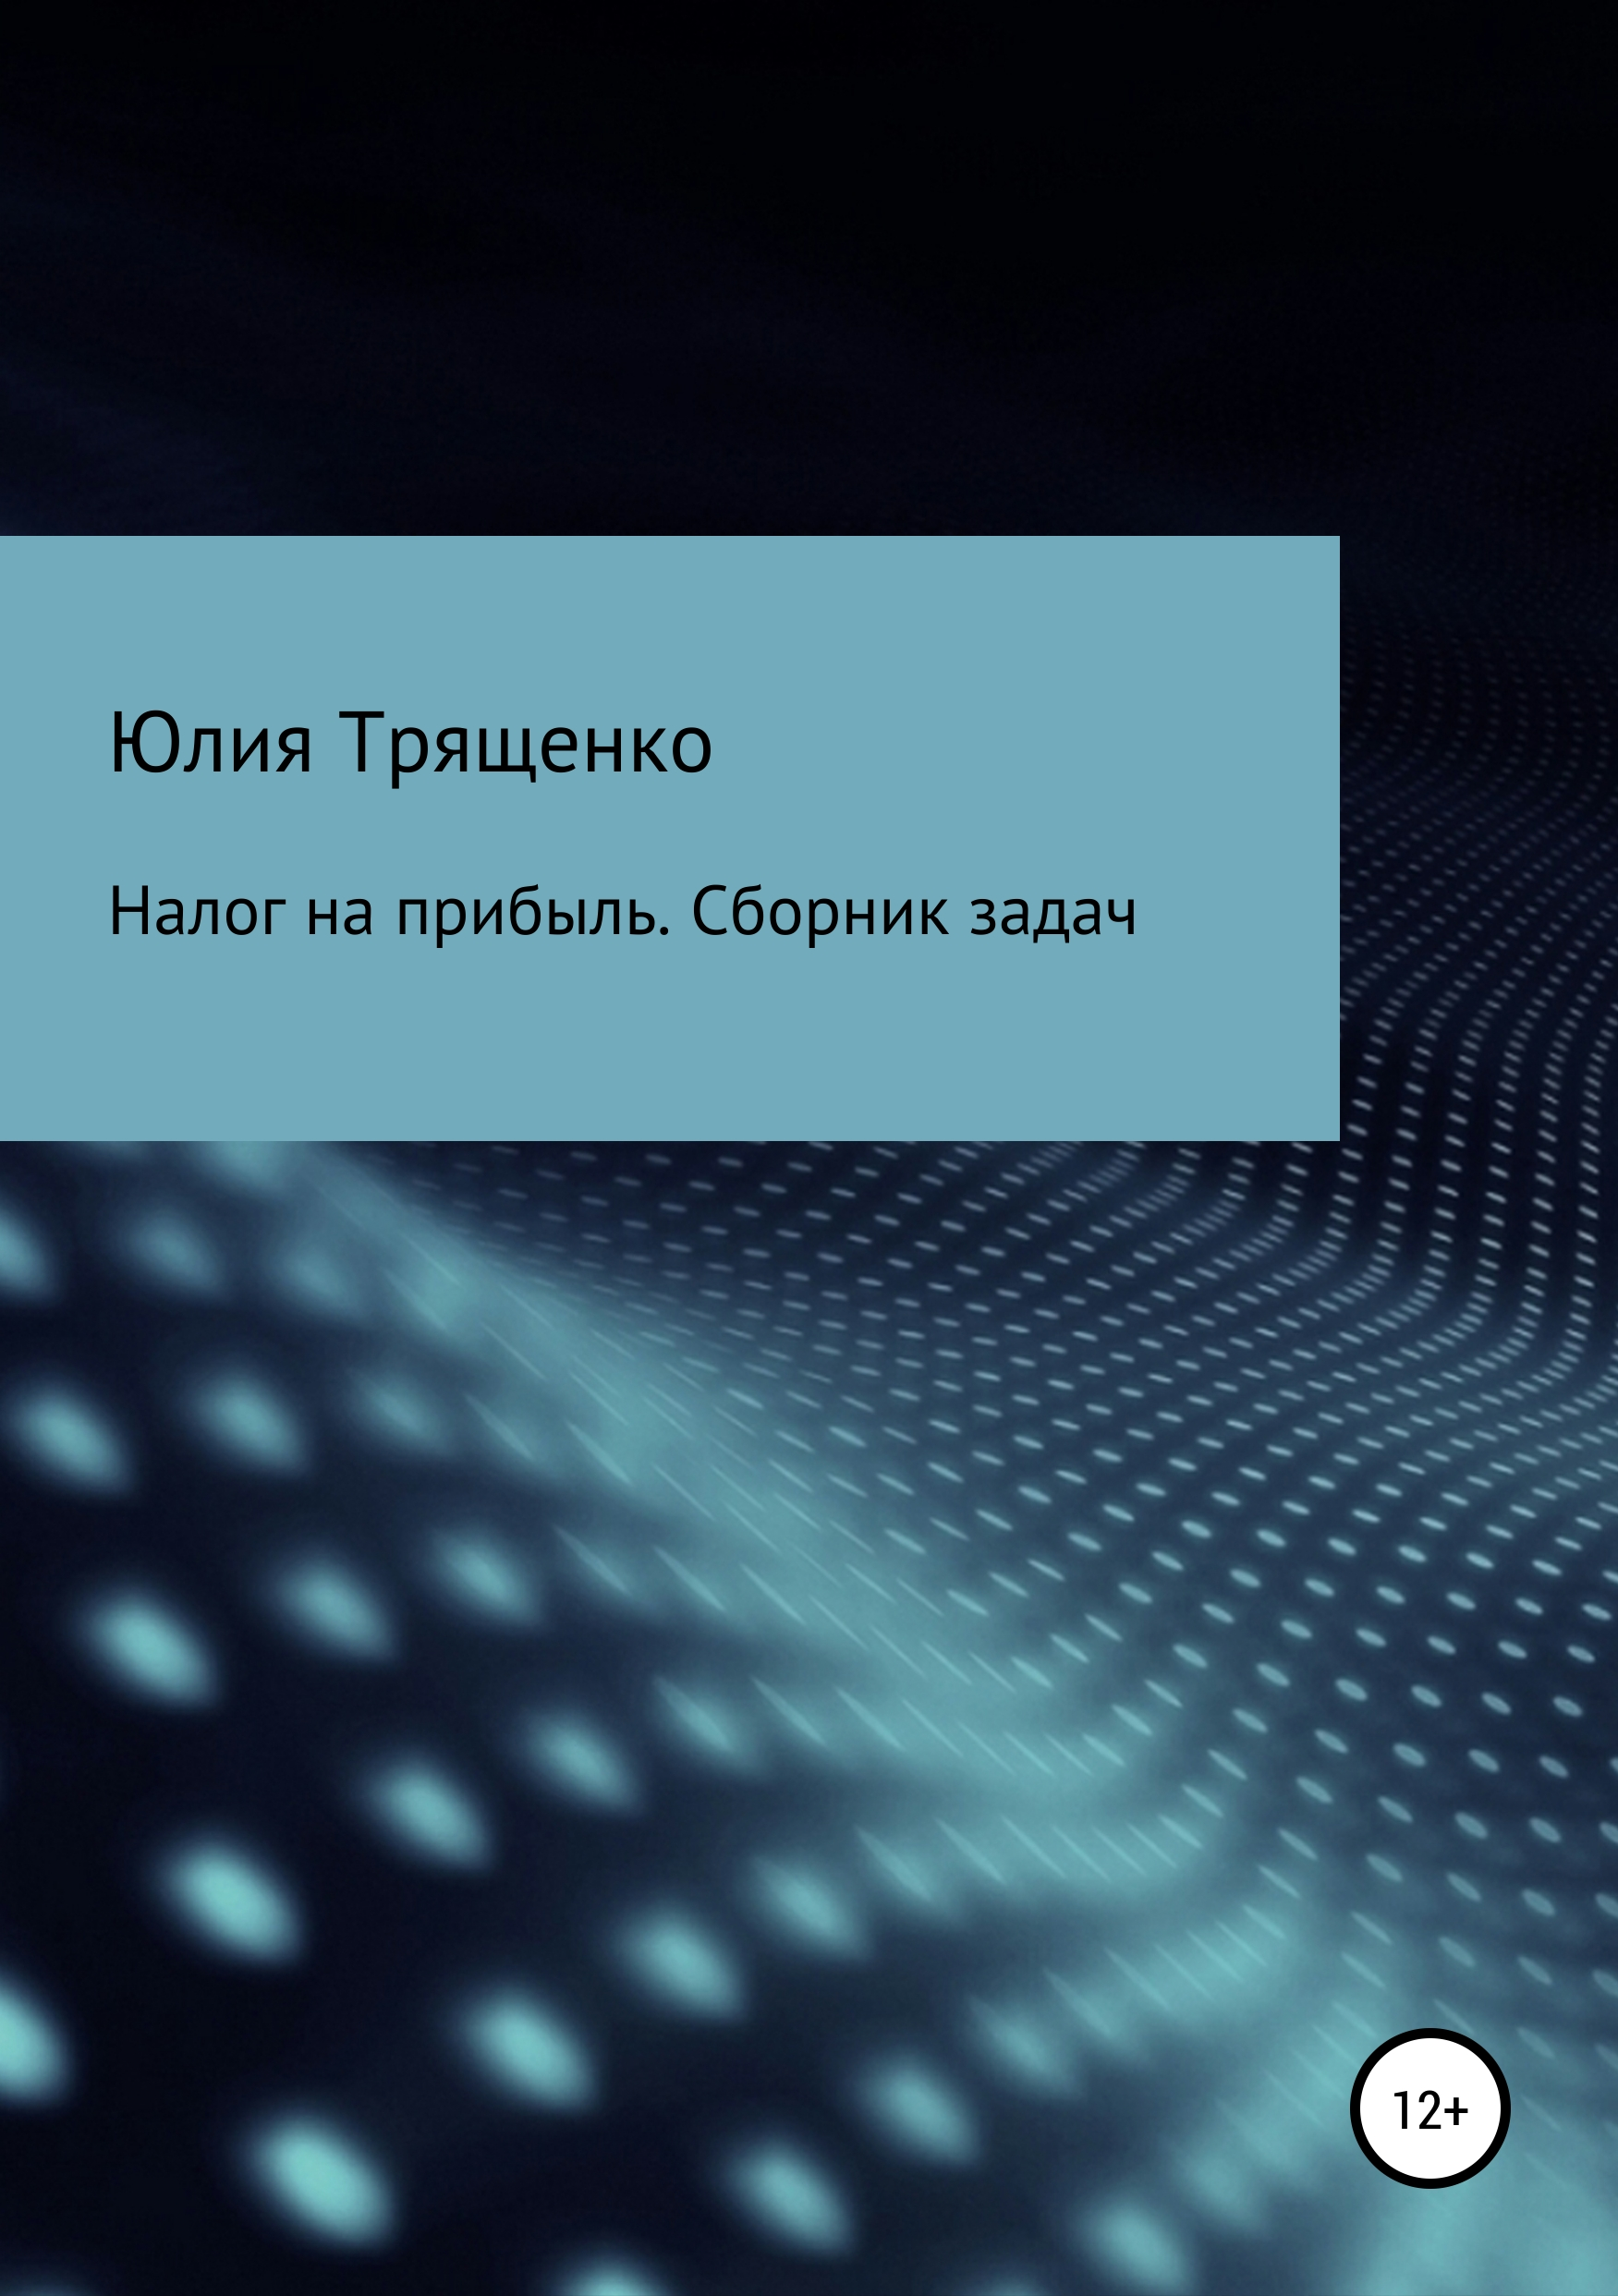 Купить книгу Налог на прибыль. Сборник задач, автора Юлии Трященко